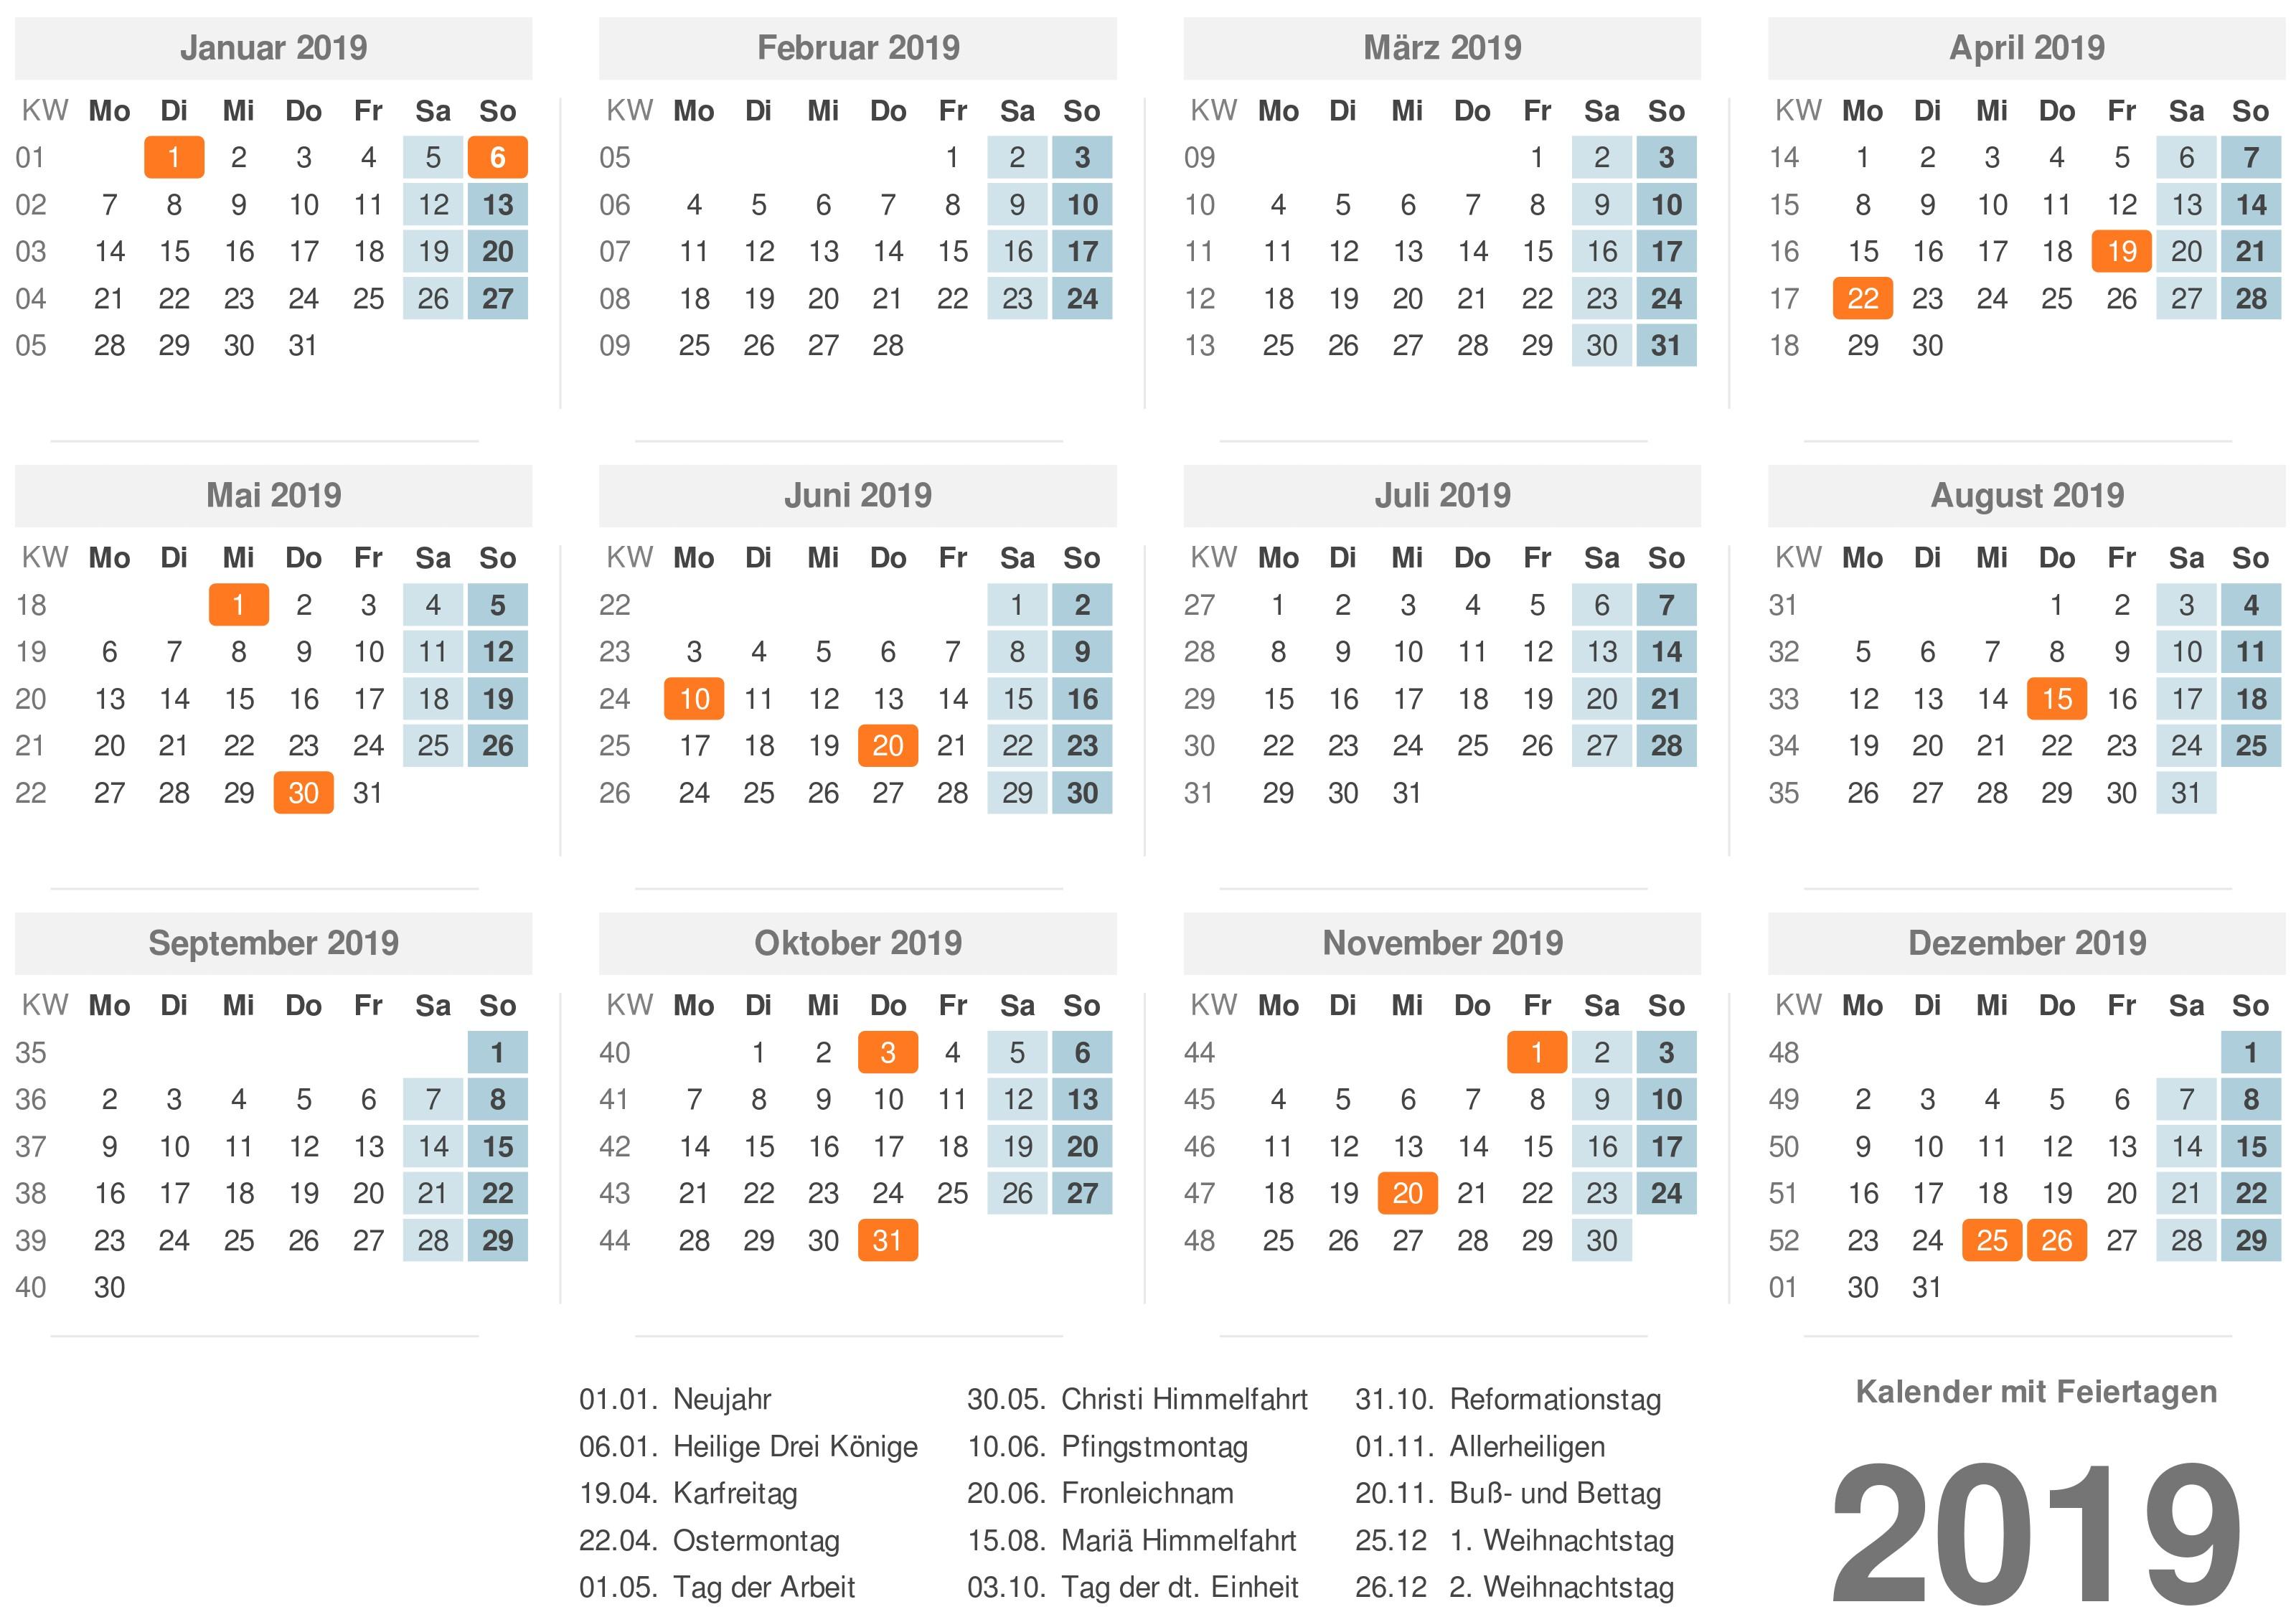 Kalender 2019 Indonesia Ferien Feiertage Excel Pdf Vorlagen Kalender 2019 Feiertage Als Pdf Excel Word